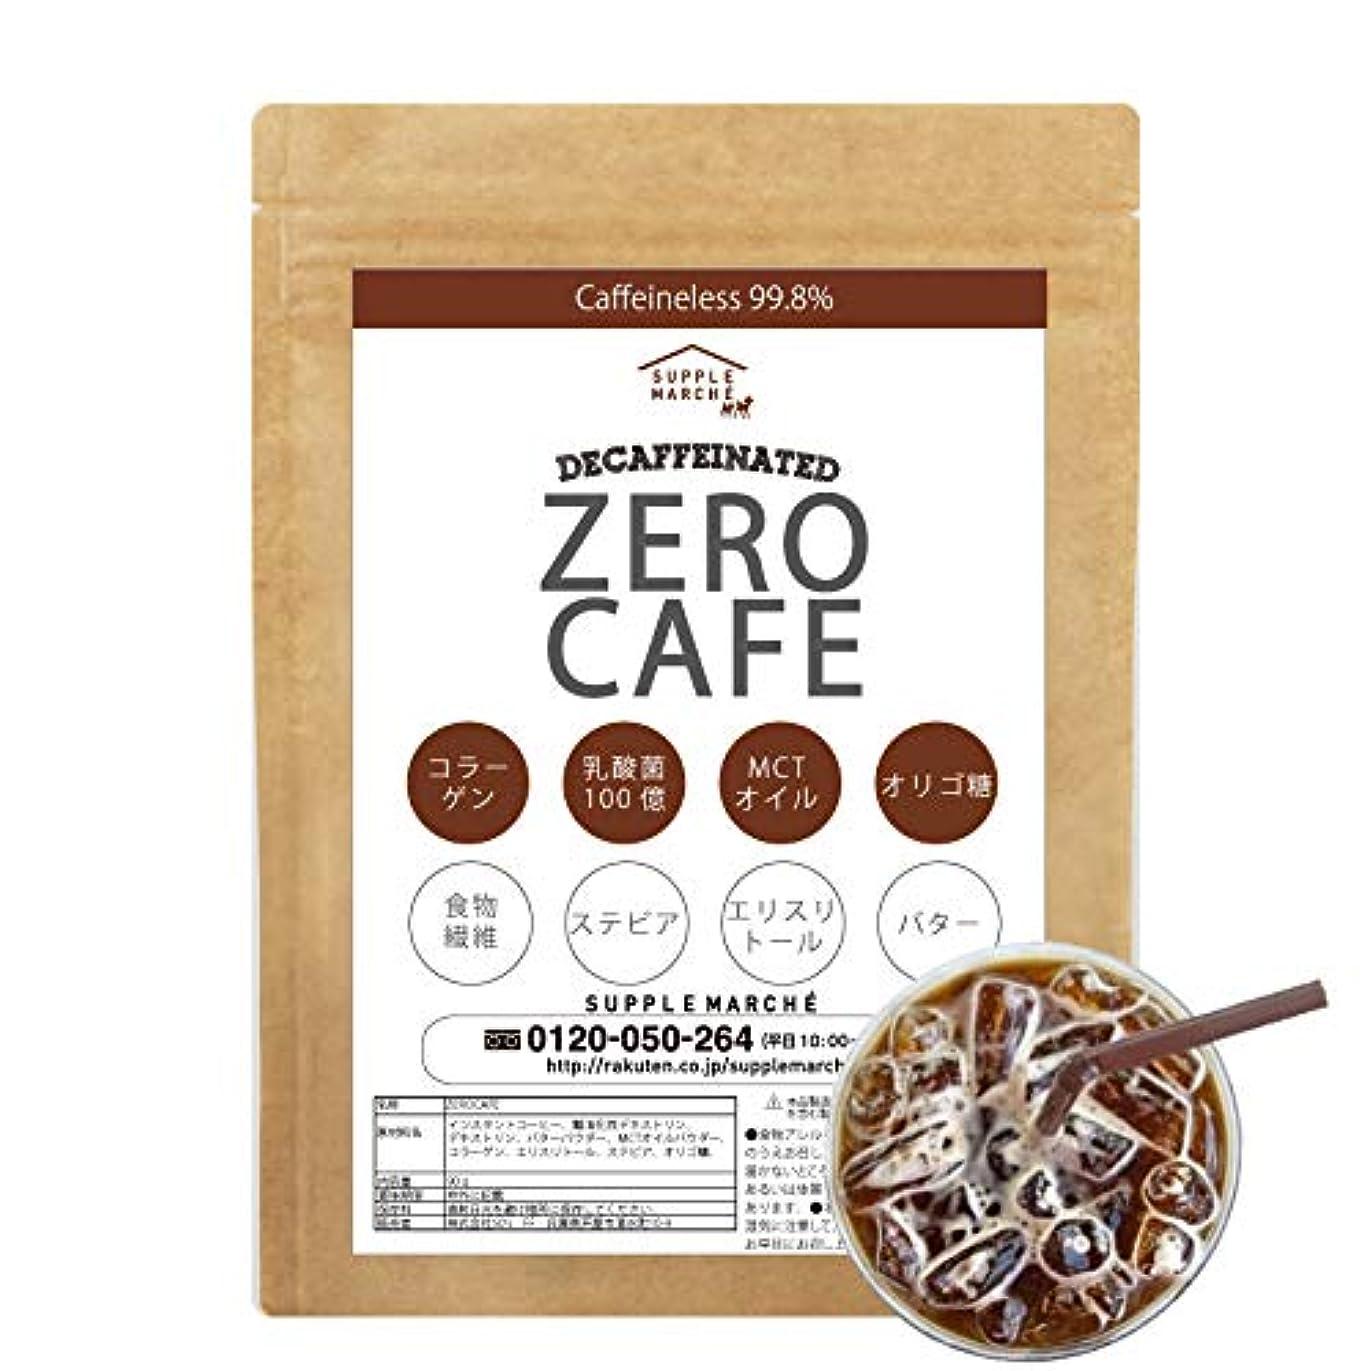 かる変化陸軍ダイエットコーヒー デカフェ バターコーヒー 90g (約30杯) アイスコーヒー カフェインレス MCTオイル 乳酸菌 コラーゲン オリゴ糖 ダイエット シリコンバレー式